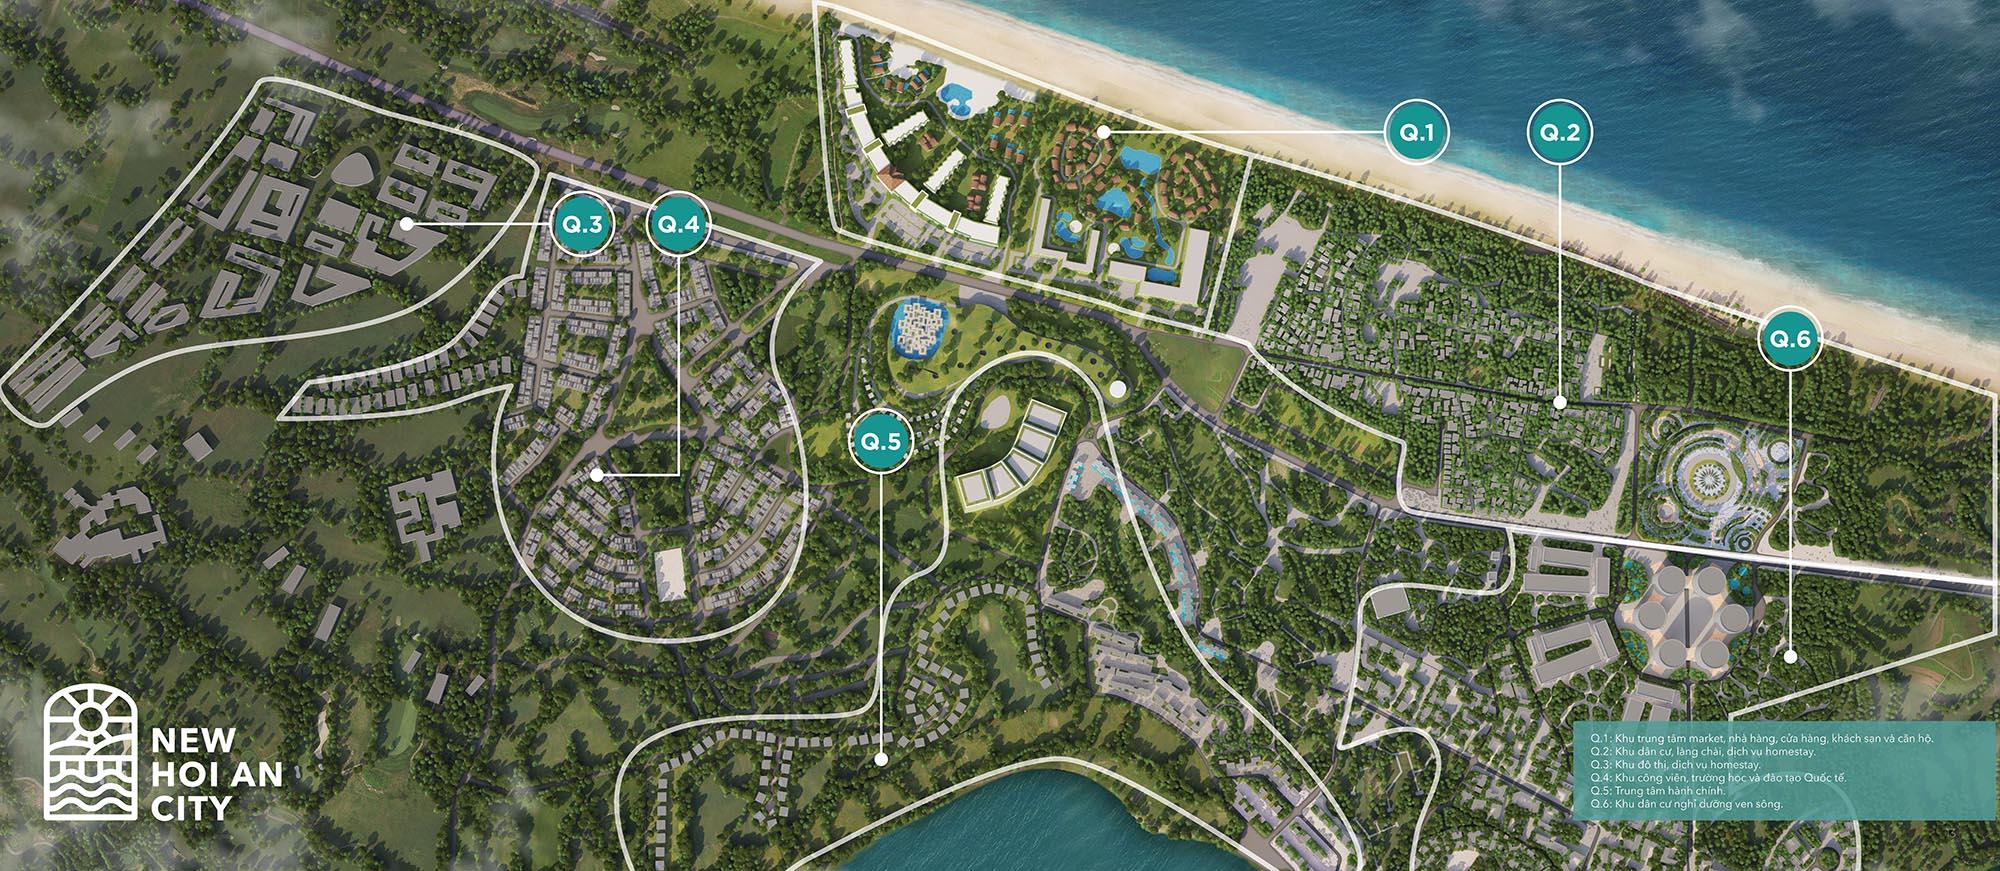 Vị trí của New Hội An City - trong toàn bộ khu dự án của Tập đoàn HB